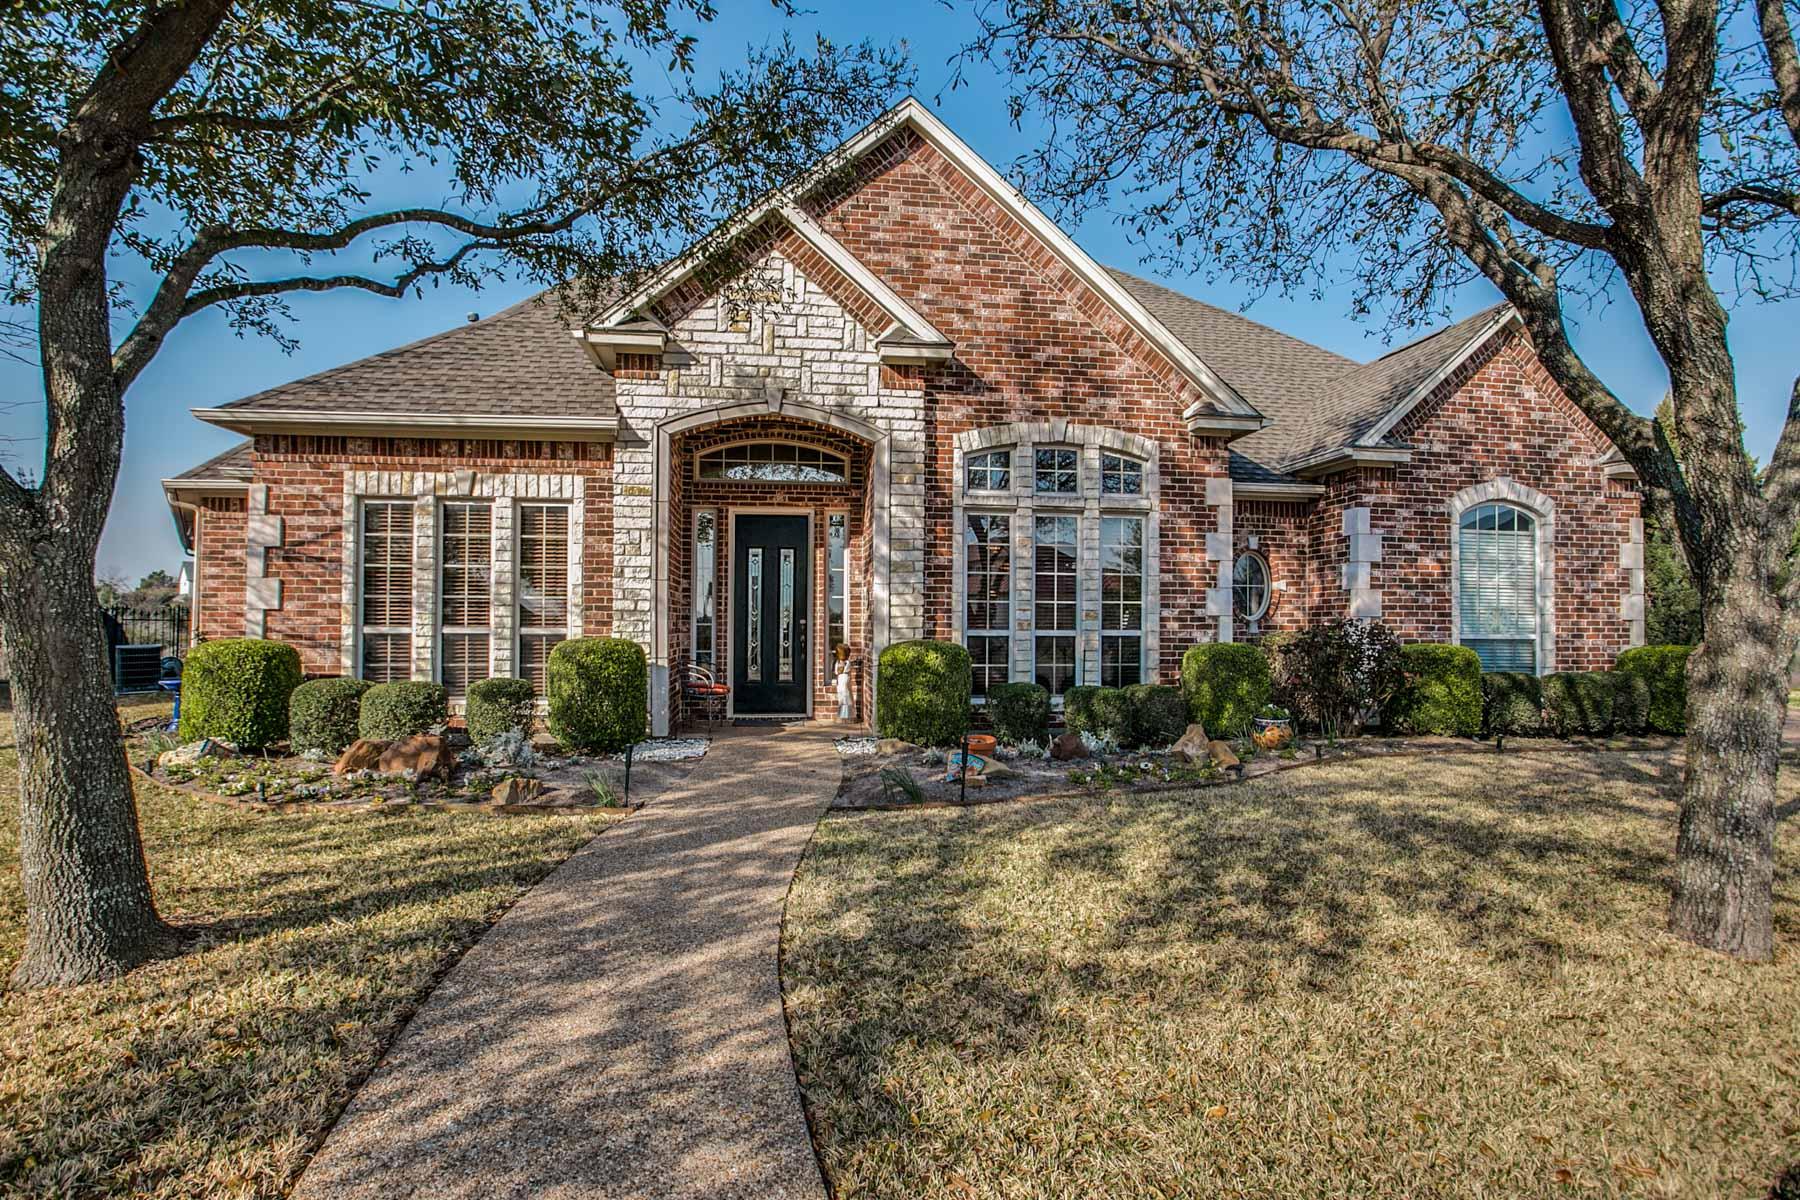 一戸建て のために 売買 アット 4400 Northview Ct, Aledo Aledo, テキサス, 76008 アメリカ合衆国